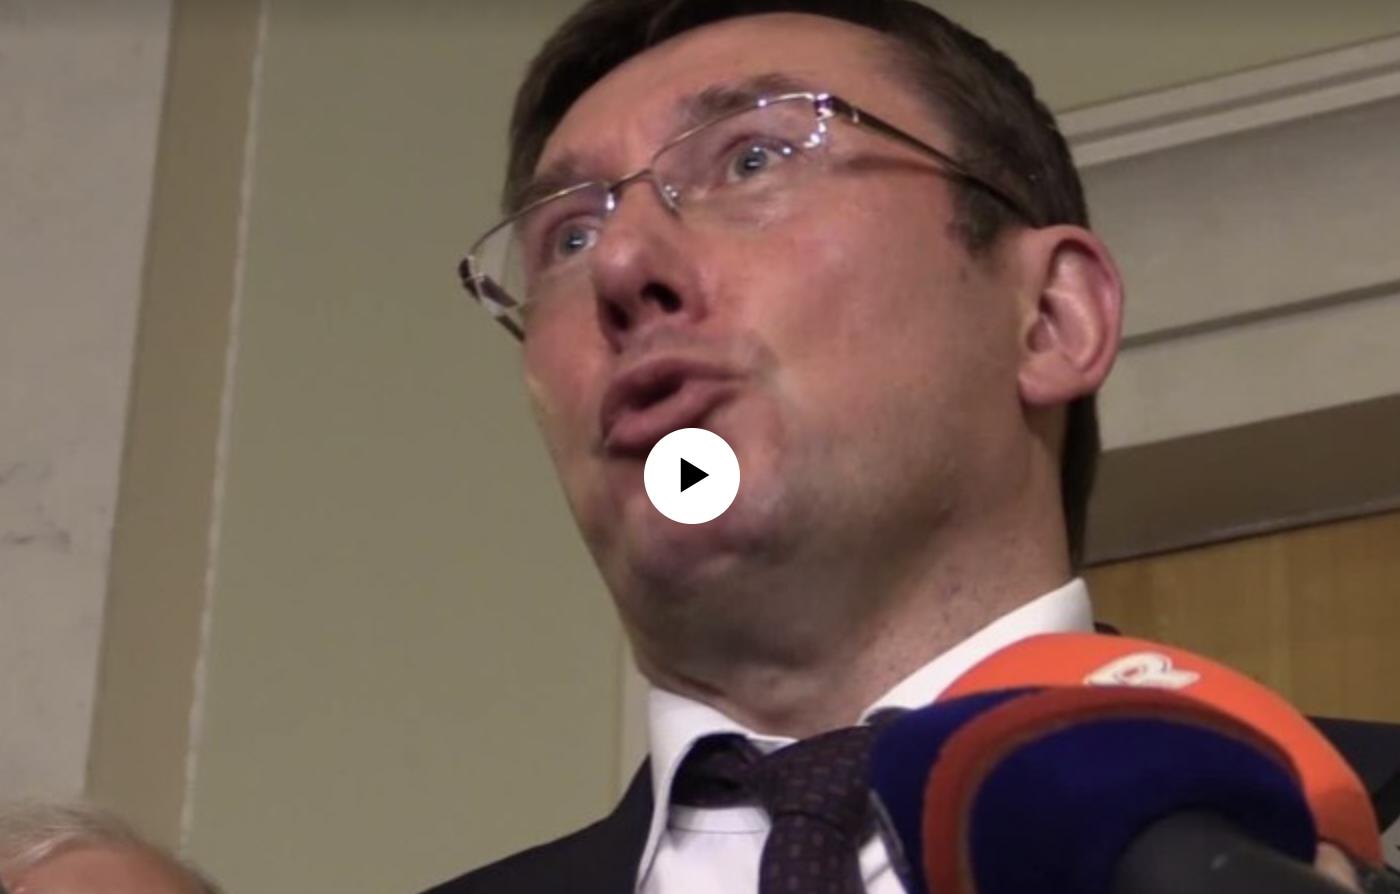 Юрій Луценко: скажу чесно вони не клоуни, 3е і вся його партія дуже грамотно обвела вас, а ви і не здогадуєтесь